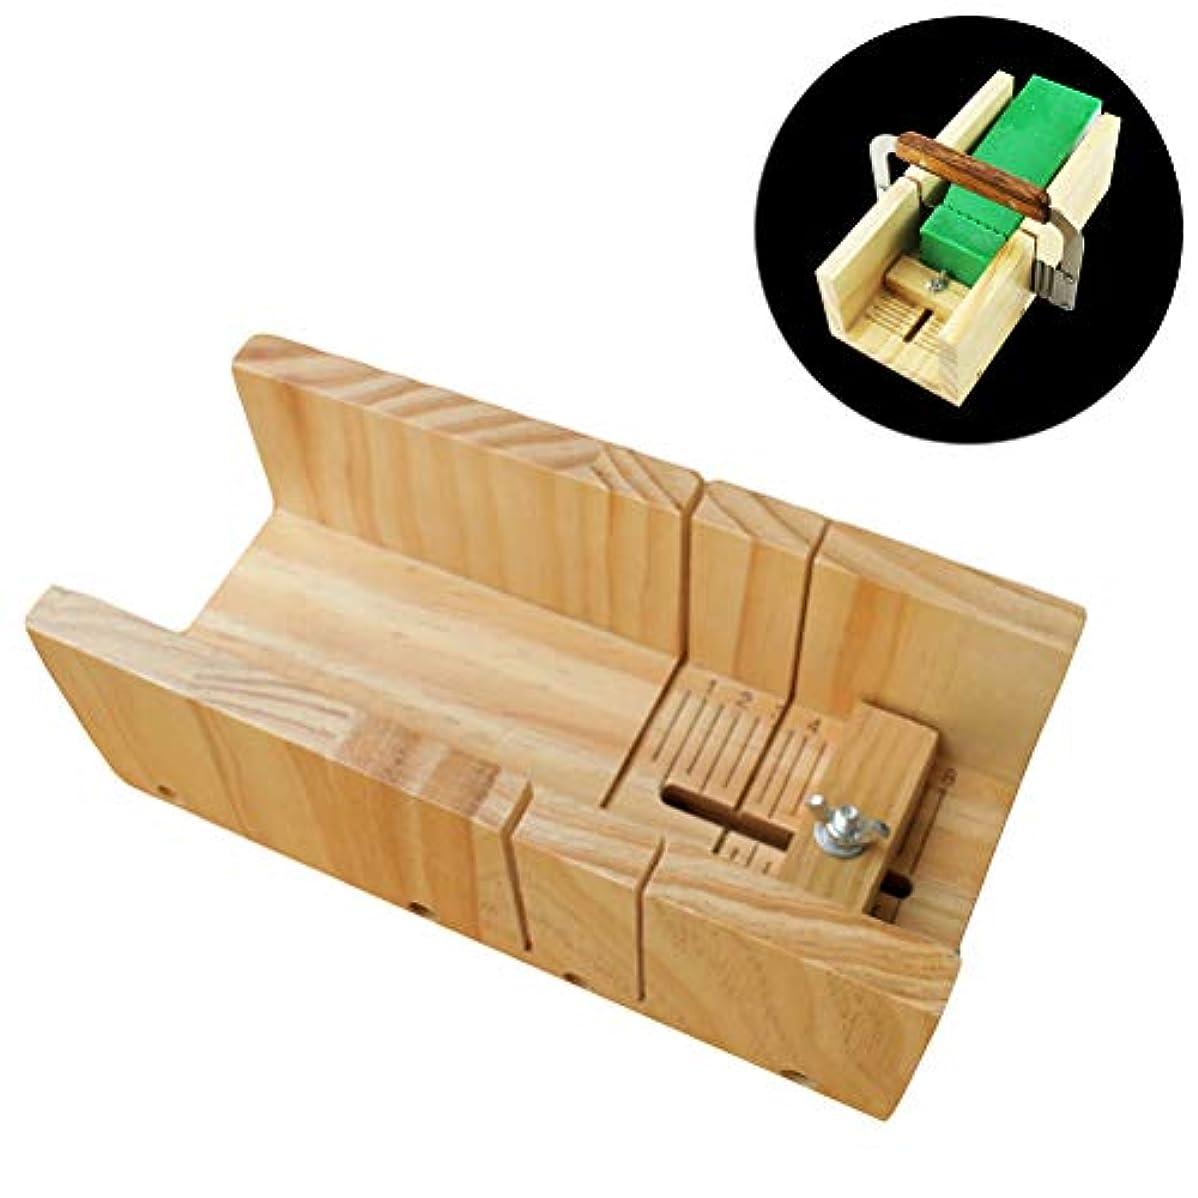 キルトいうプロフェッショナルHealifty 木製石鹸カッターモールド石鹸ロープモールド調節可能なカッターモールドボックス石鹸ツールを作る